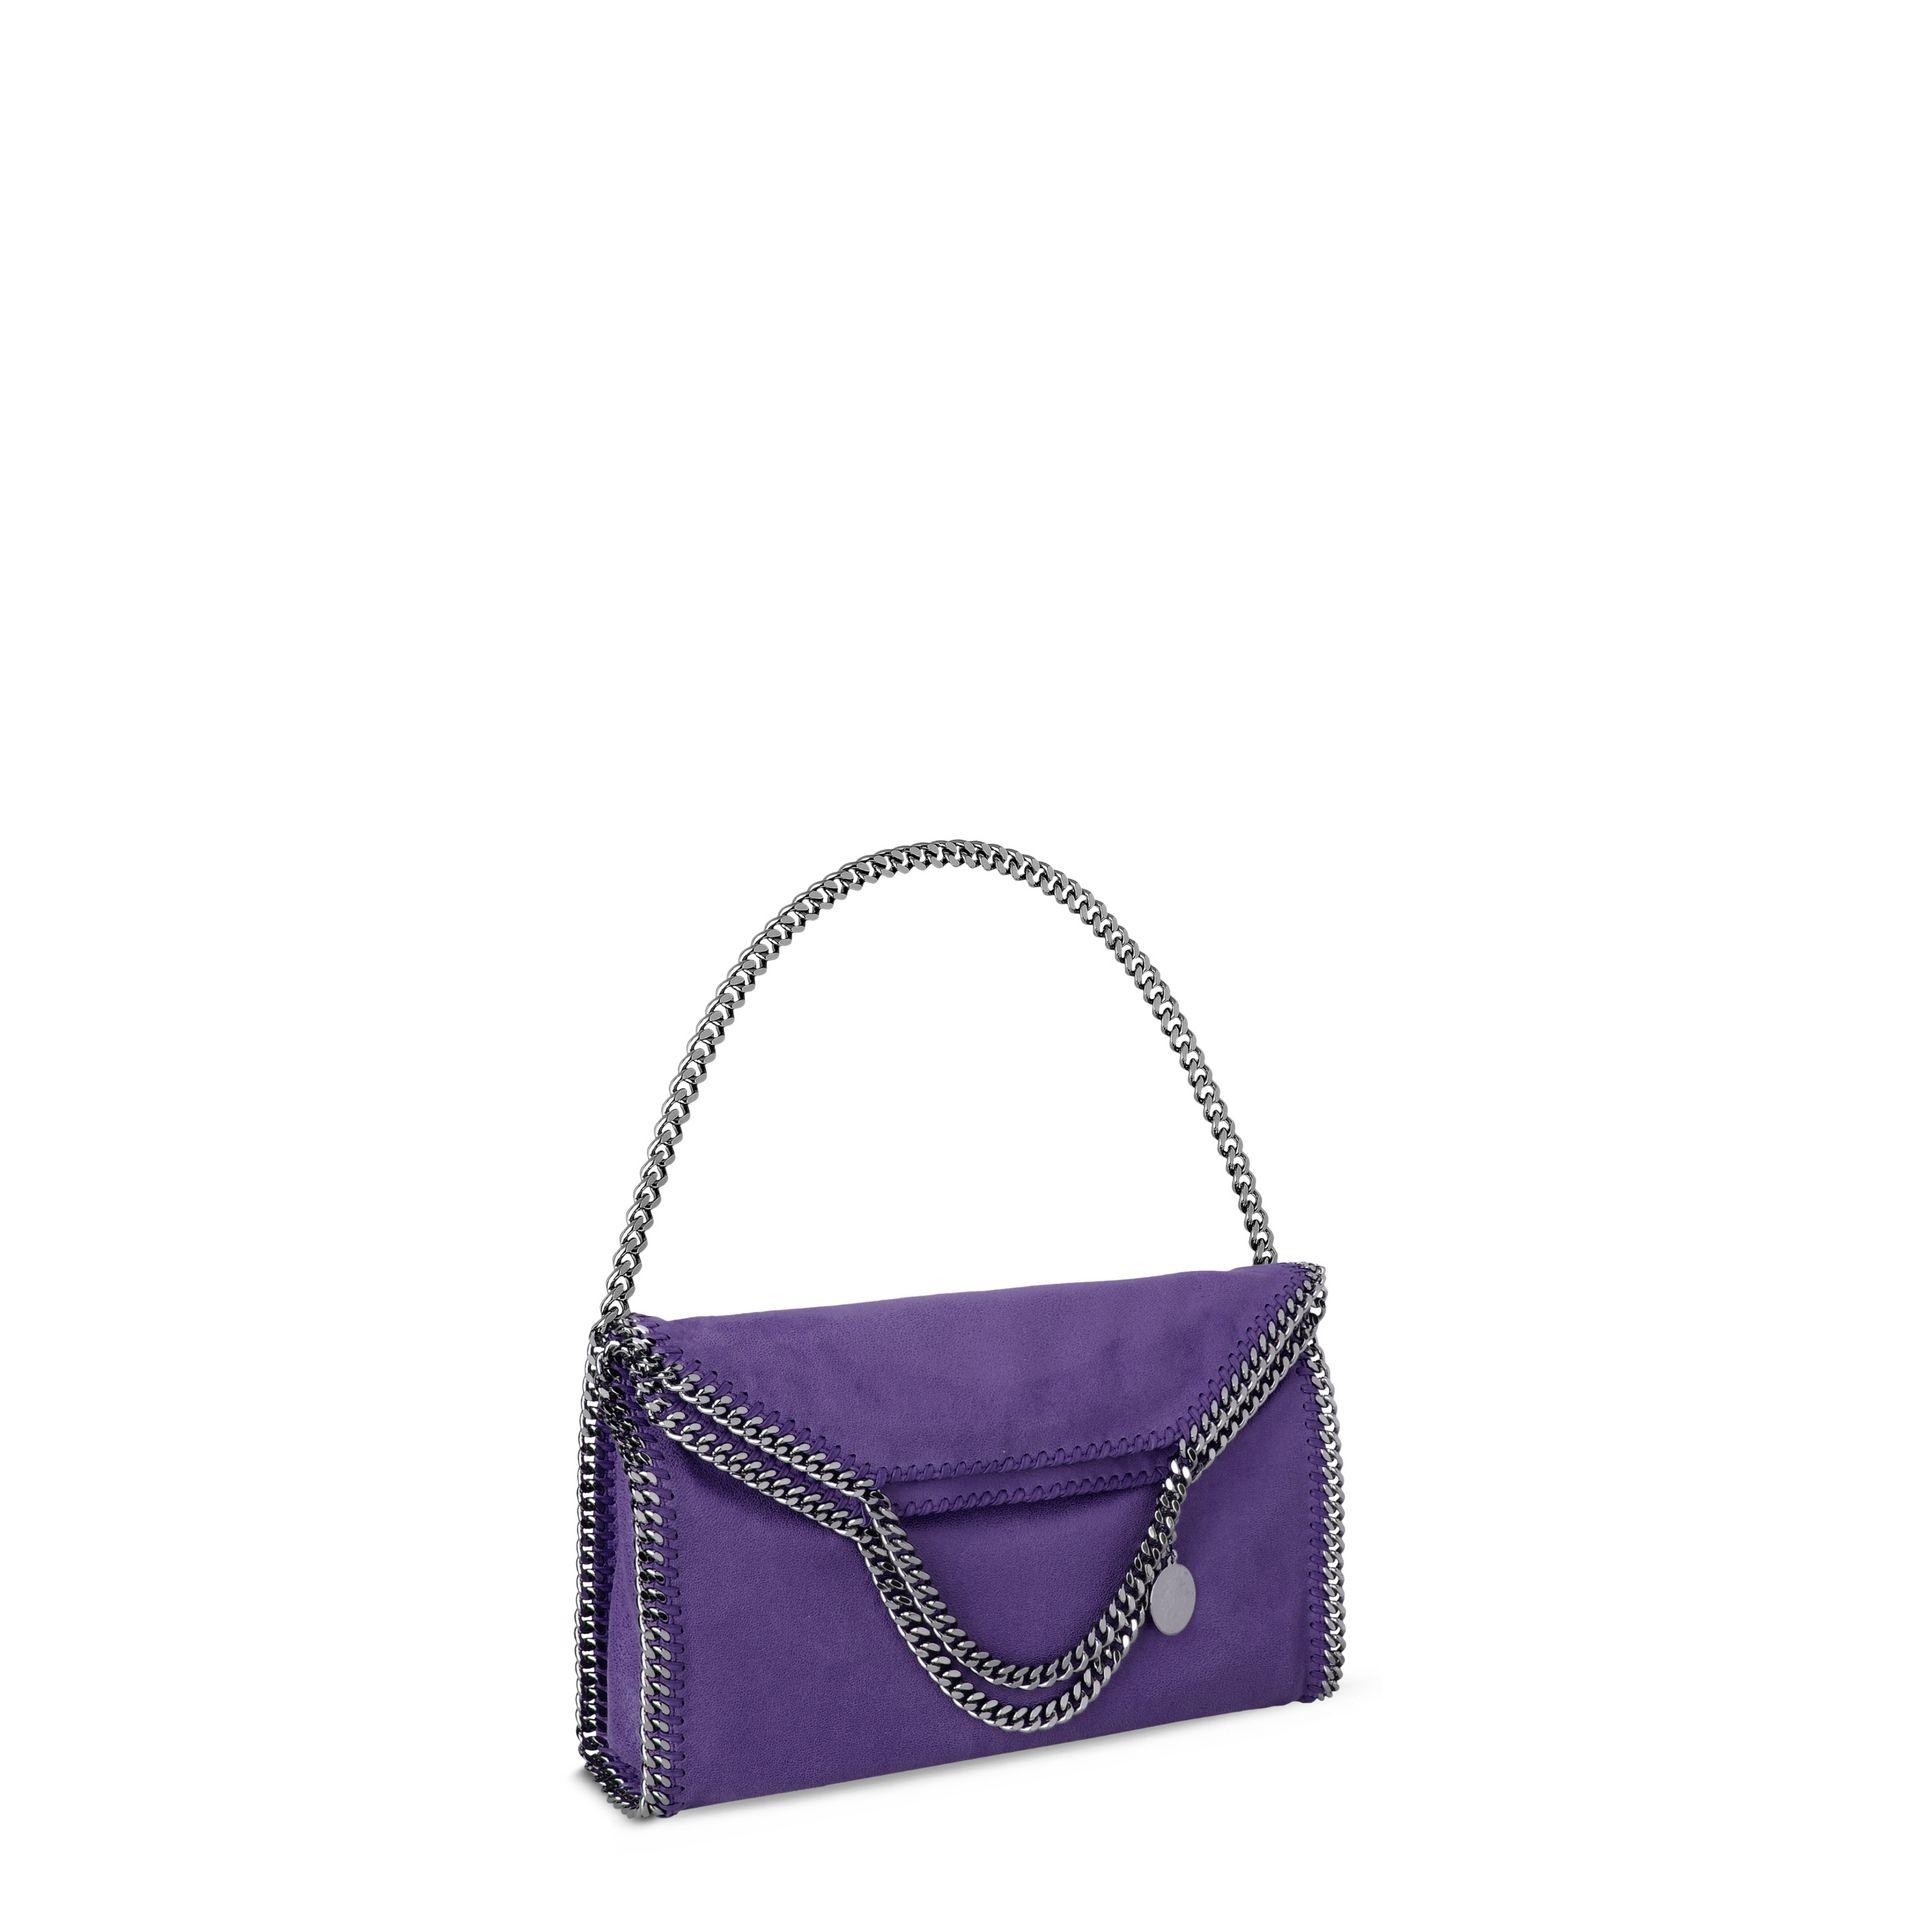 Lyst - Stella McCartney Bright Purple Falabella Shaggy Deer Fold ... 39a5fdc91cd8a